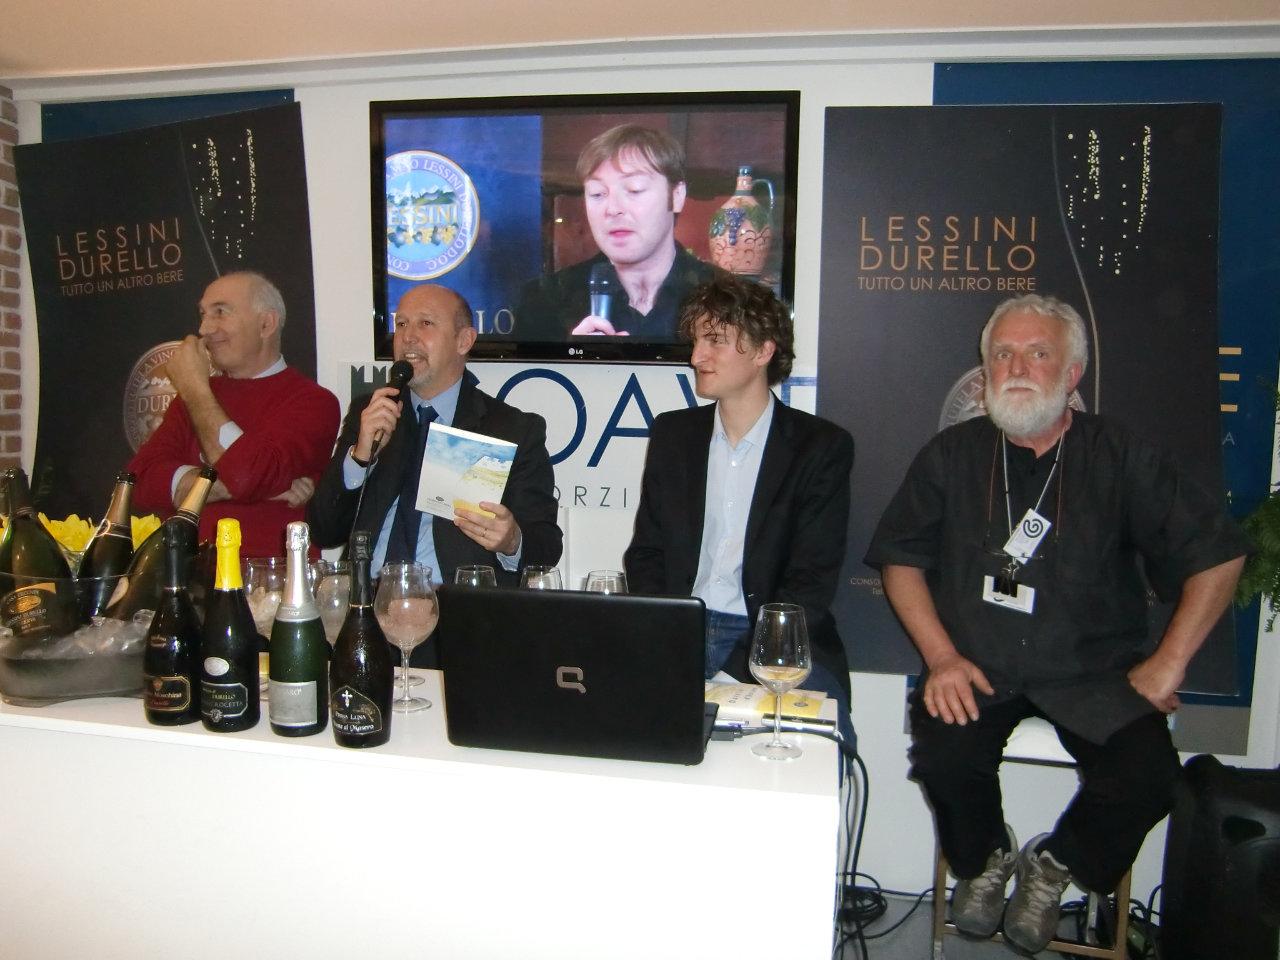 """Presentazione del volume """"Durello d'autore"""" al Vinitaly. Foto: Katrin Walter"""